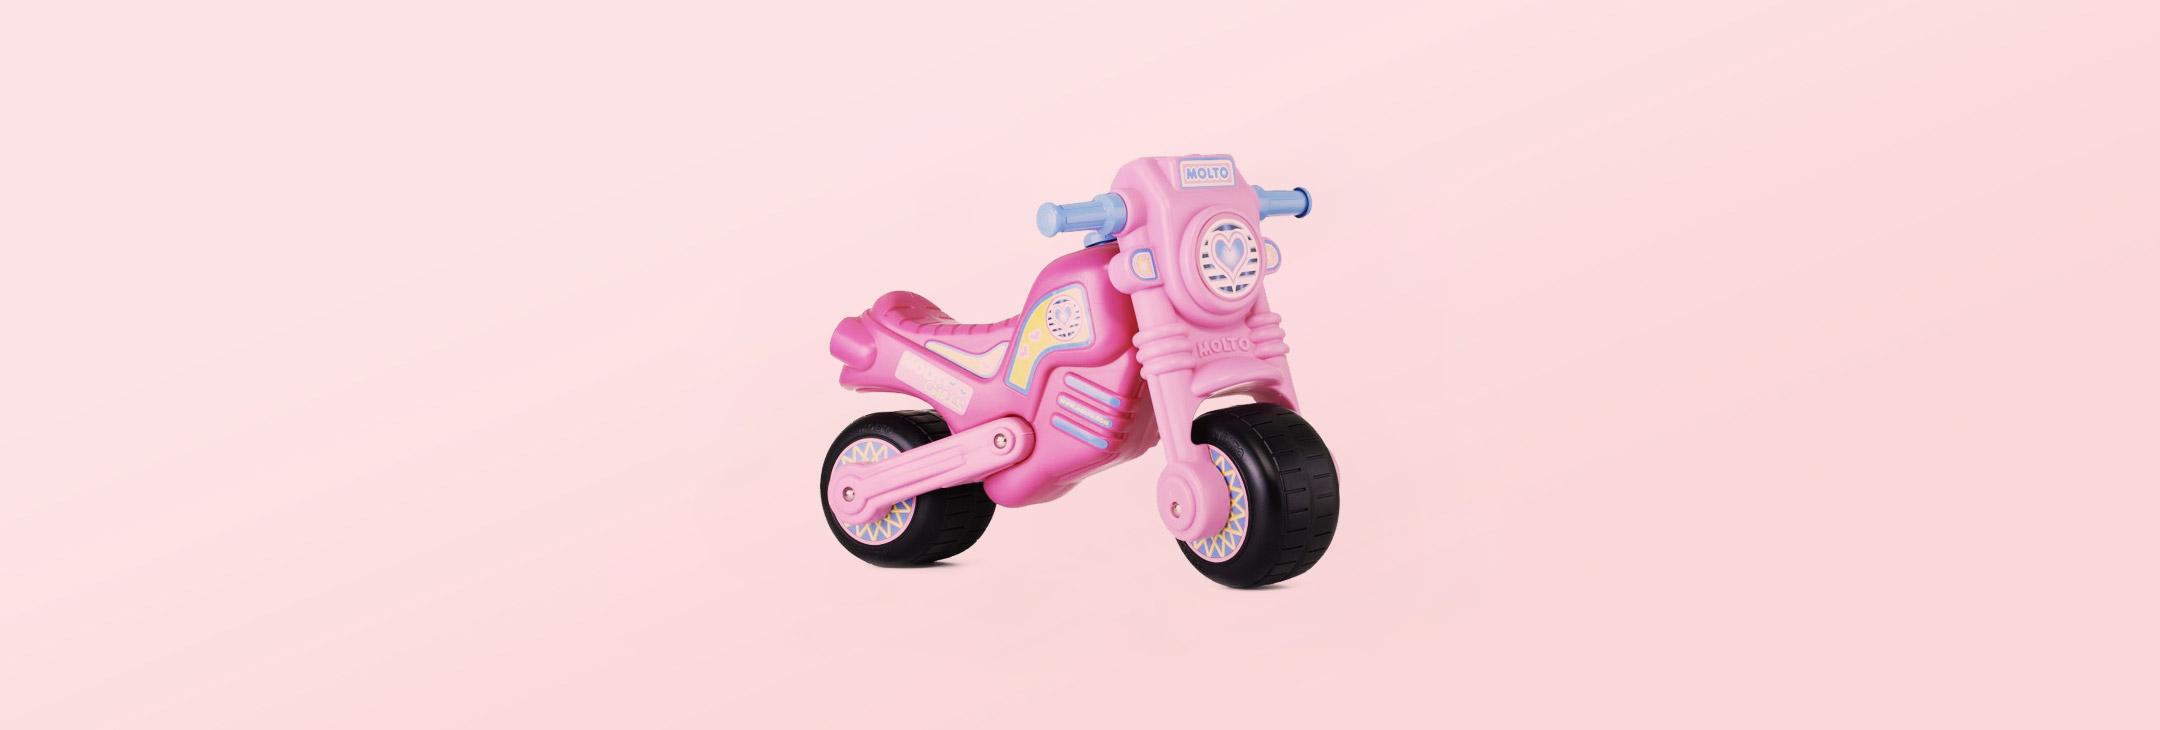 Contenido orientado a la conversión y a la venta en el sector del juguete